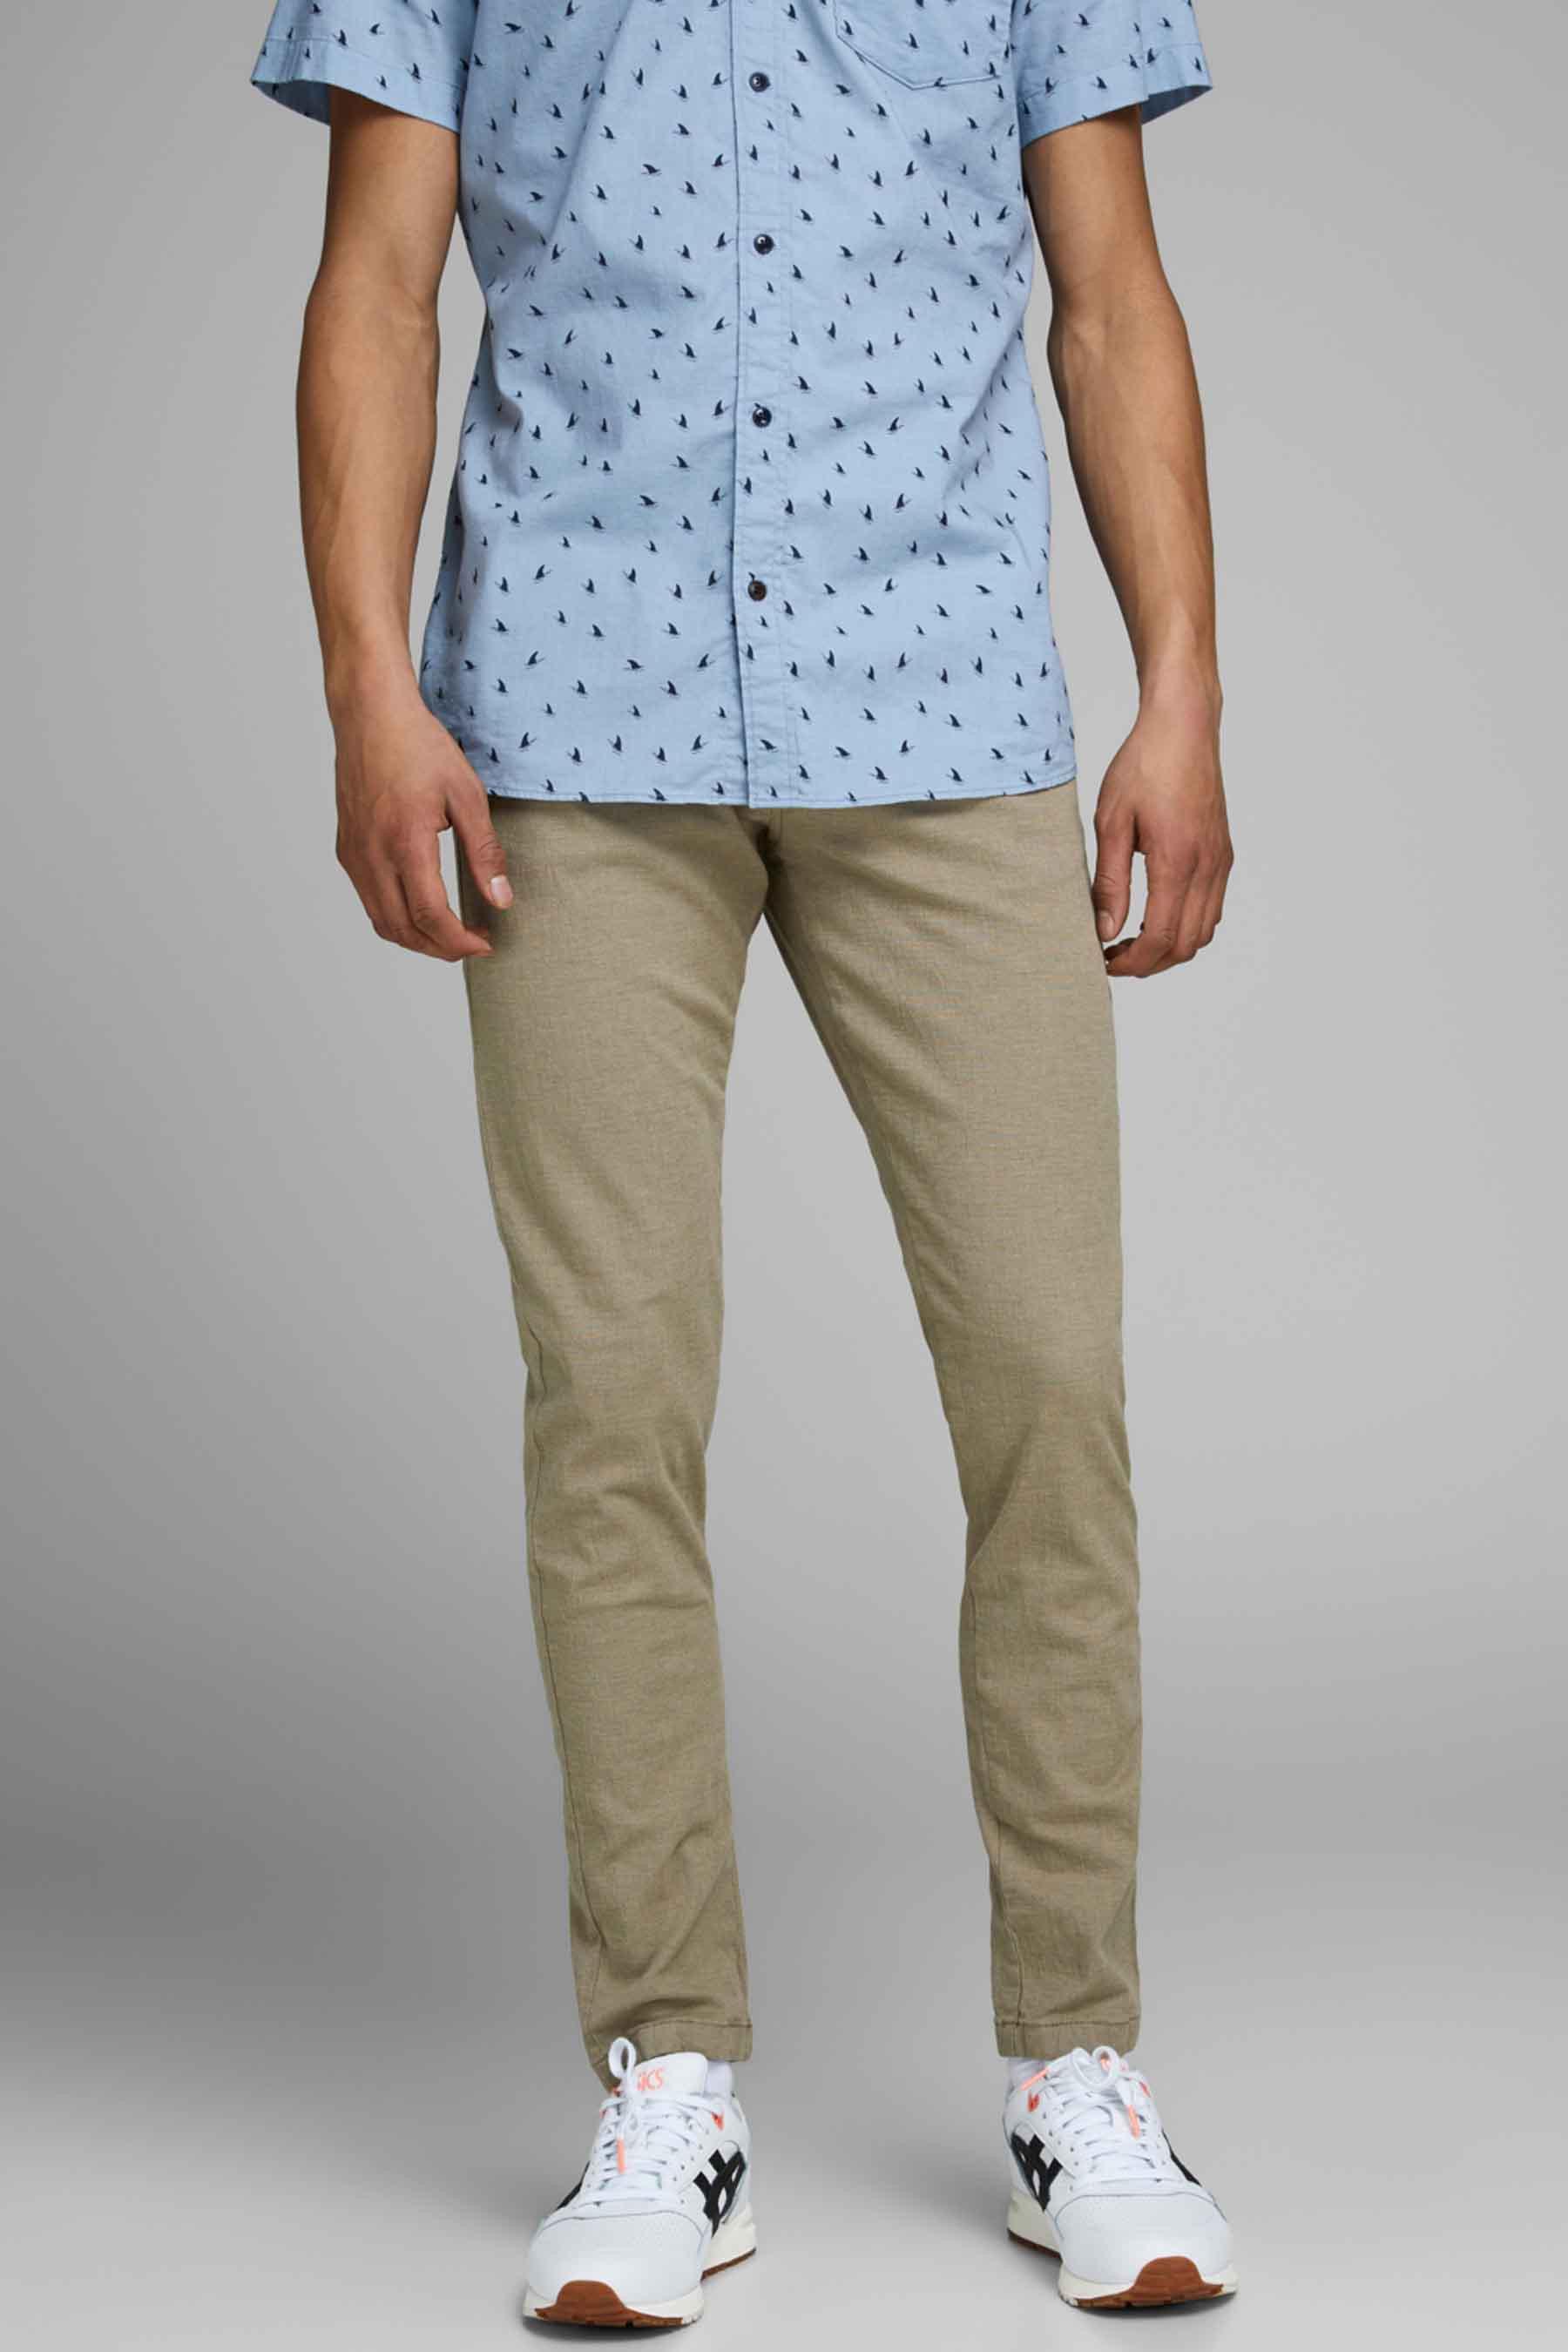 Jack & Jones Jeans Intelligenc Colorbroek, Beige, Heren, Maat: 28x34